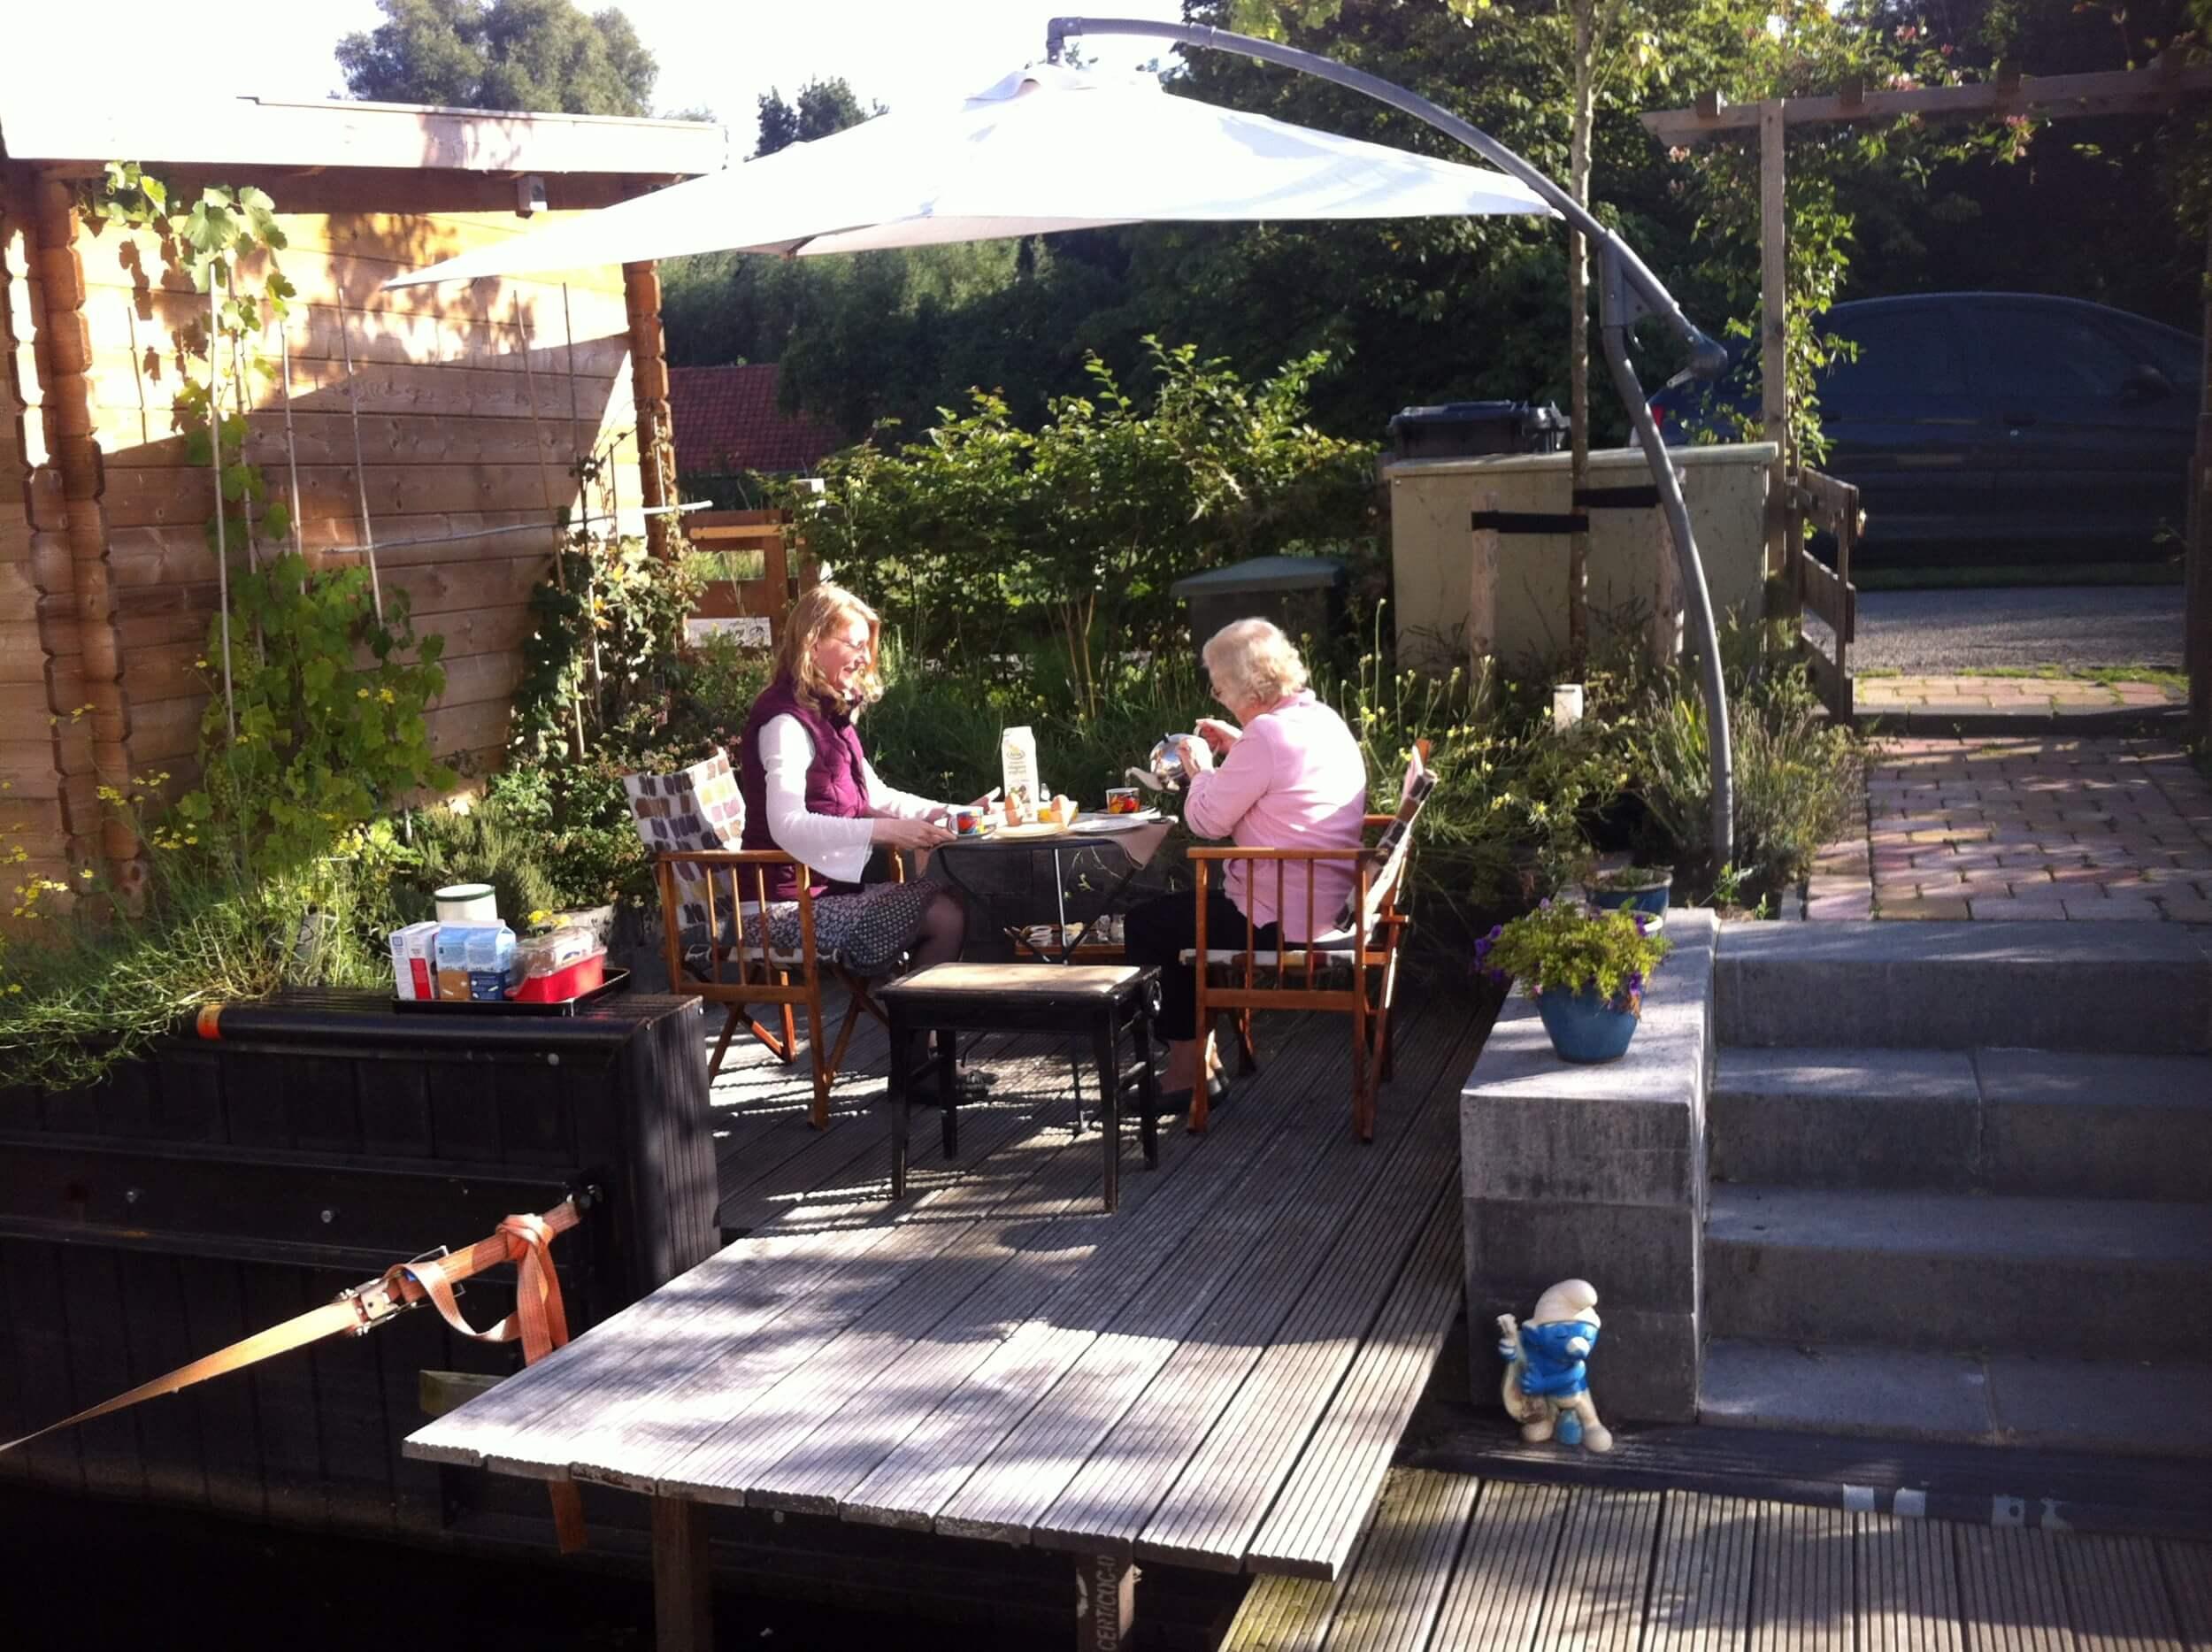 Ontbijt in de tuin - Houseboat Harmony - Bed & Breakfast Utrecht (1)